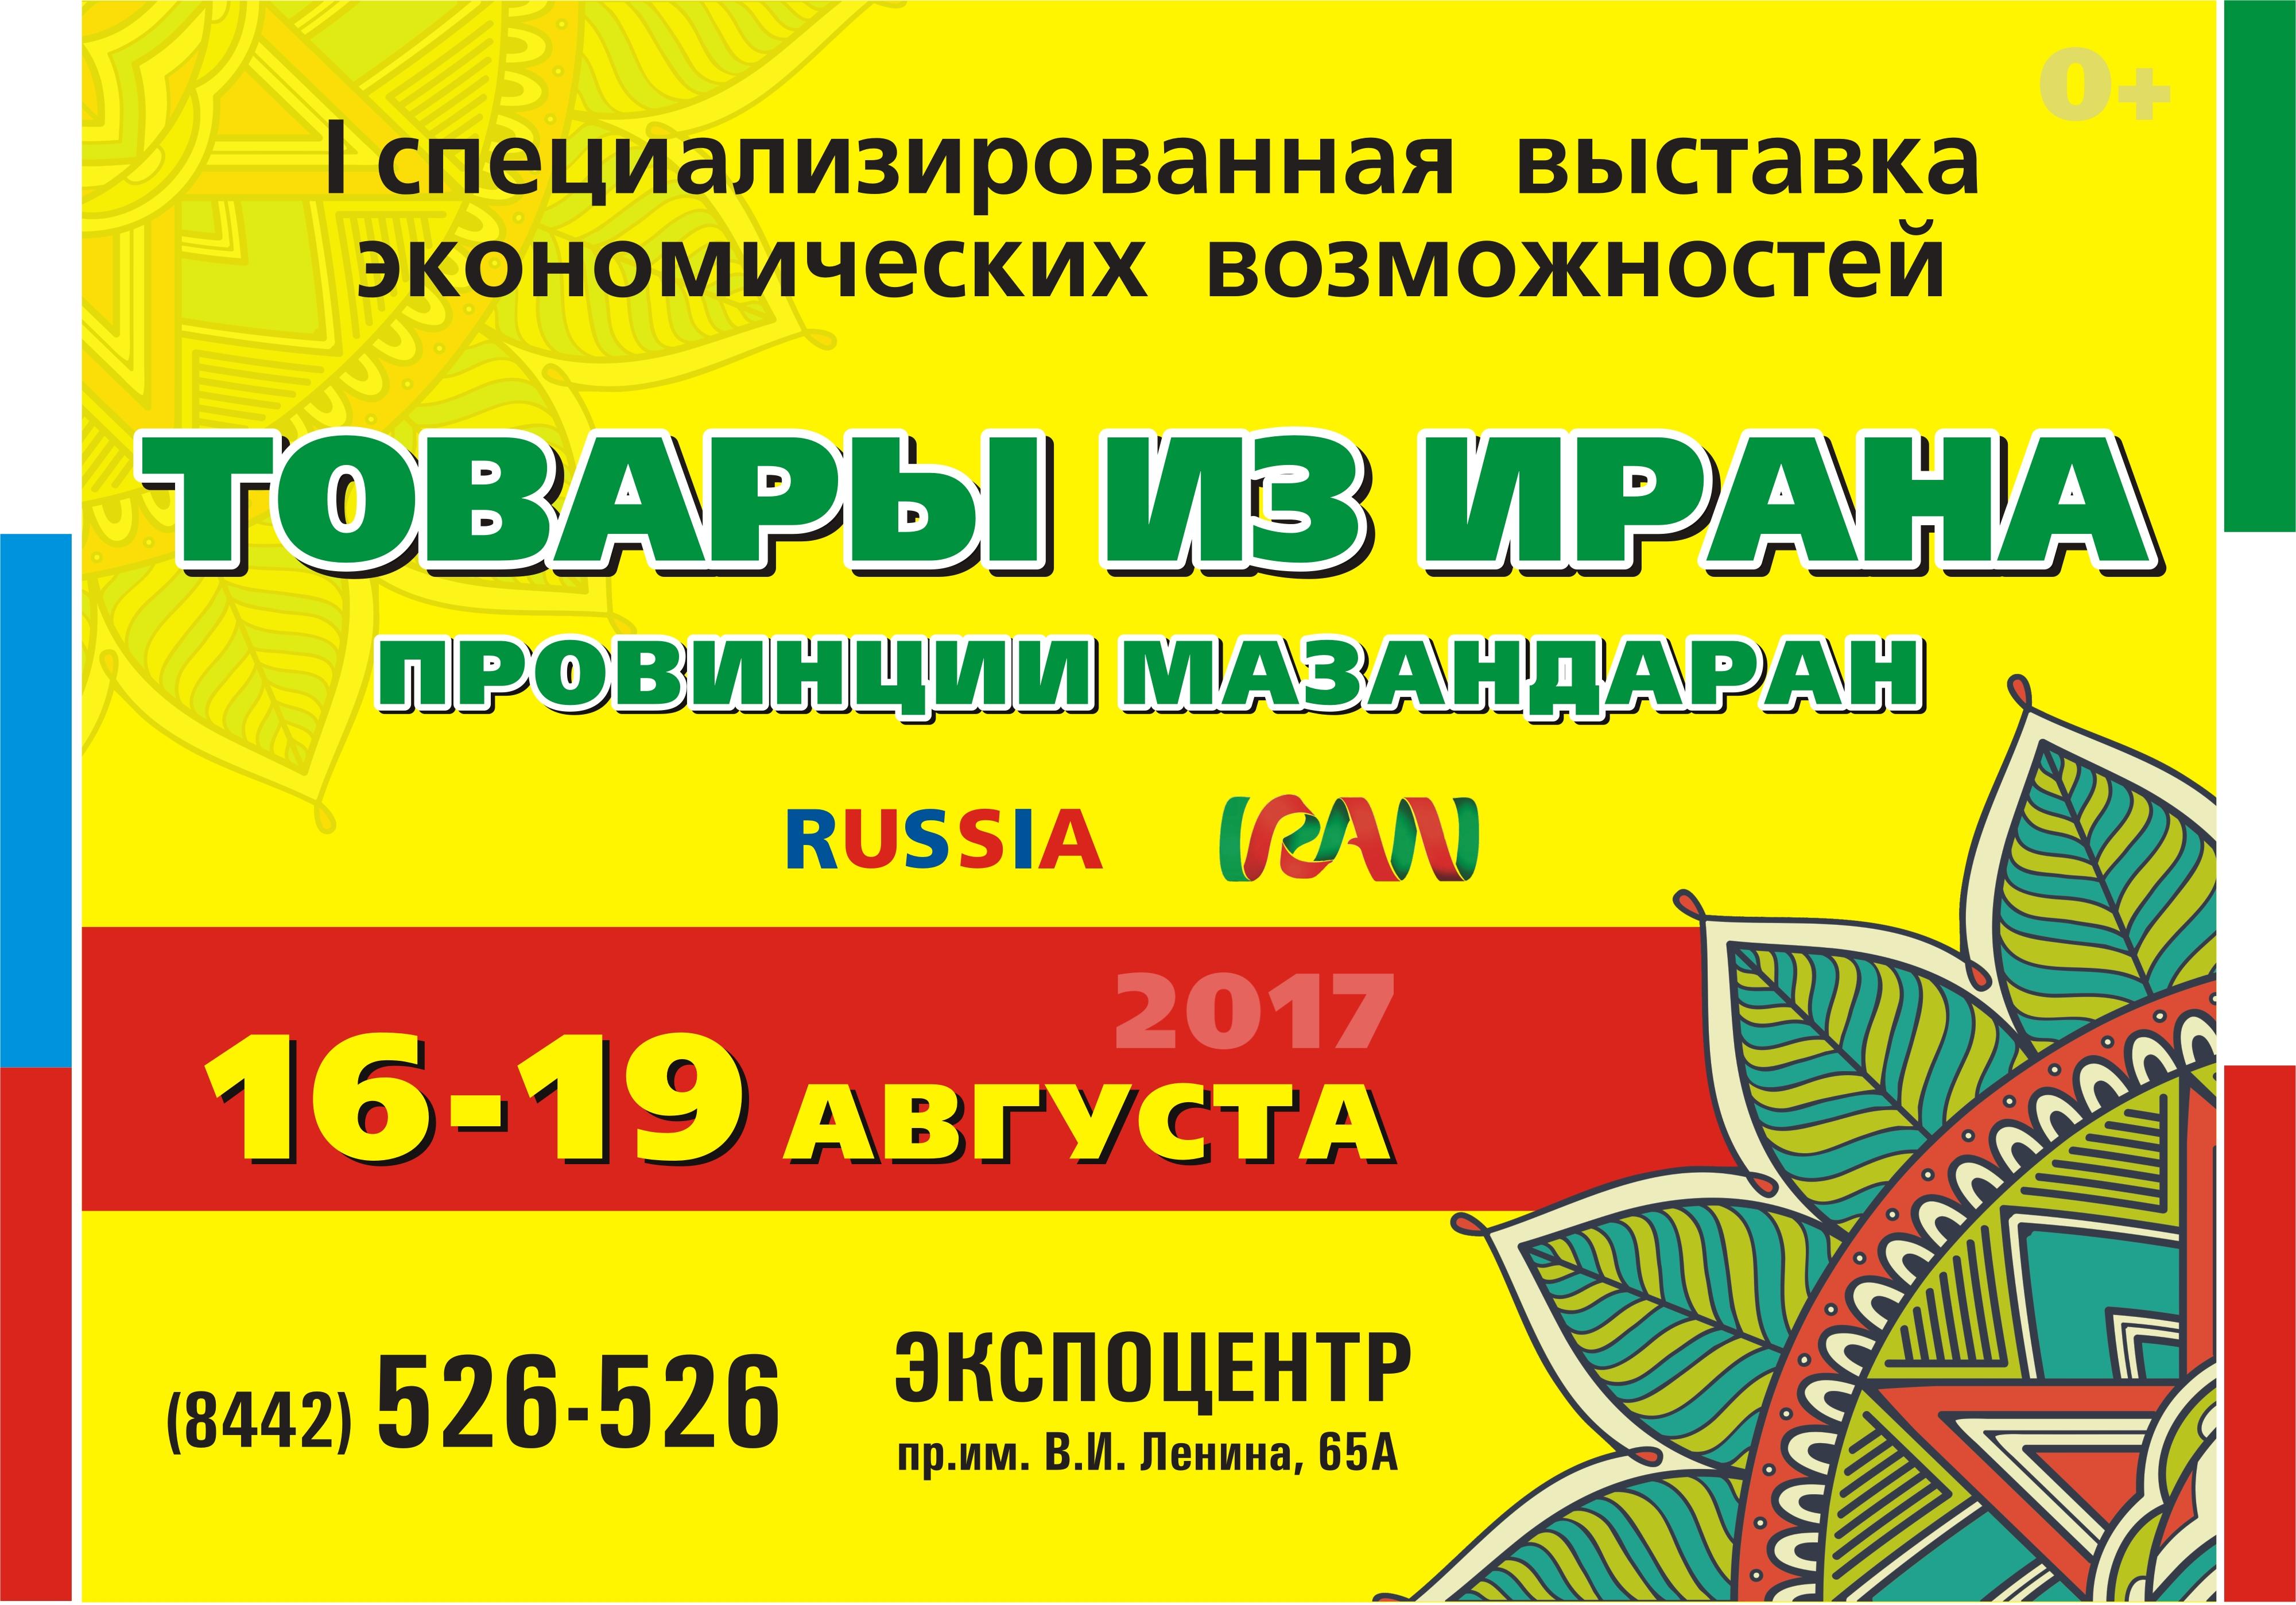 Торговые отношения: летом  Волгоградскую область посетит делегация изИрана